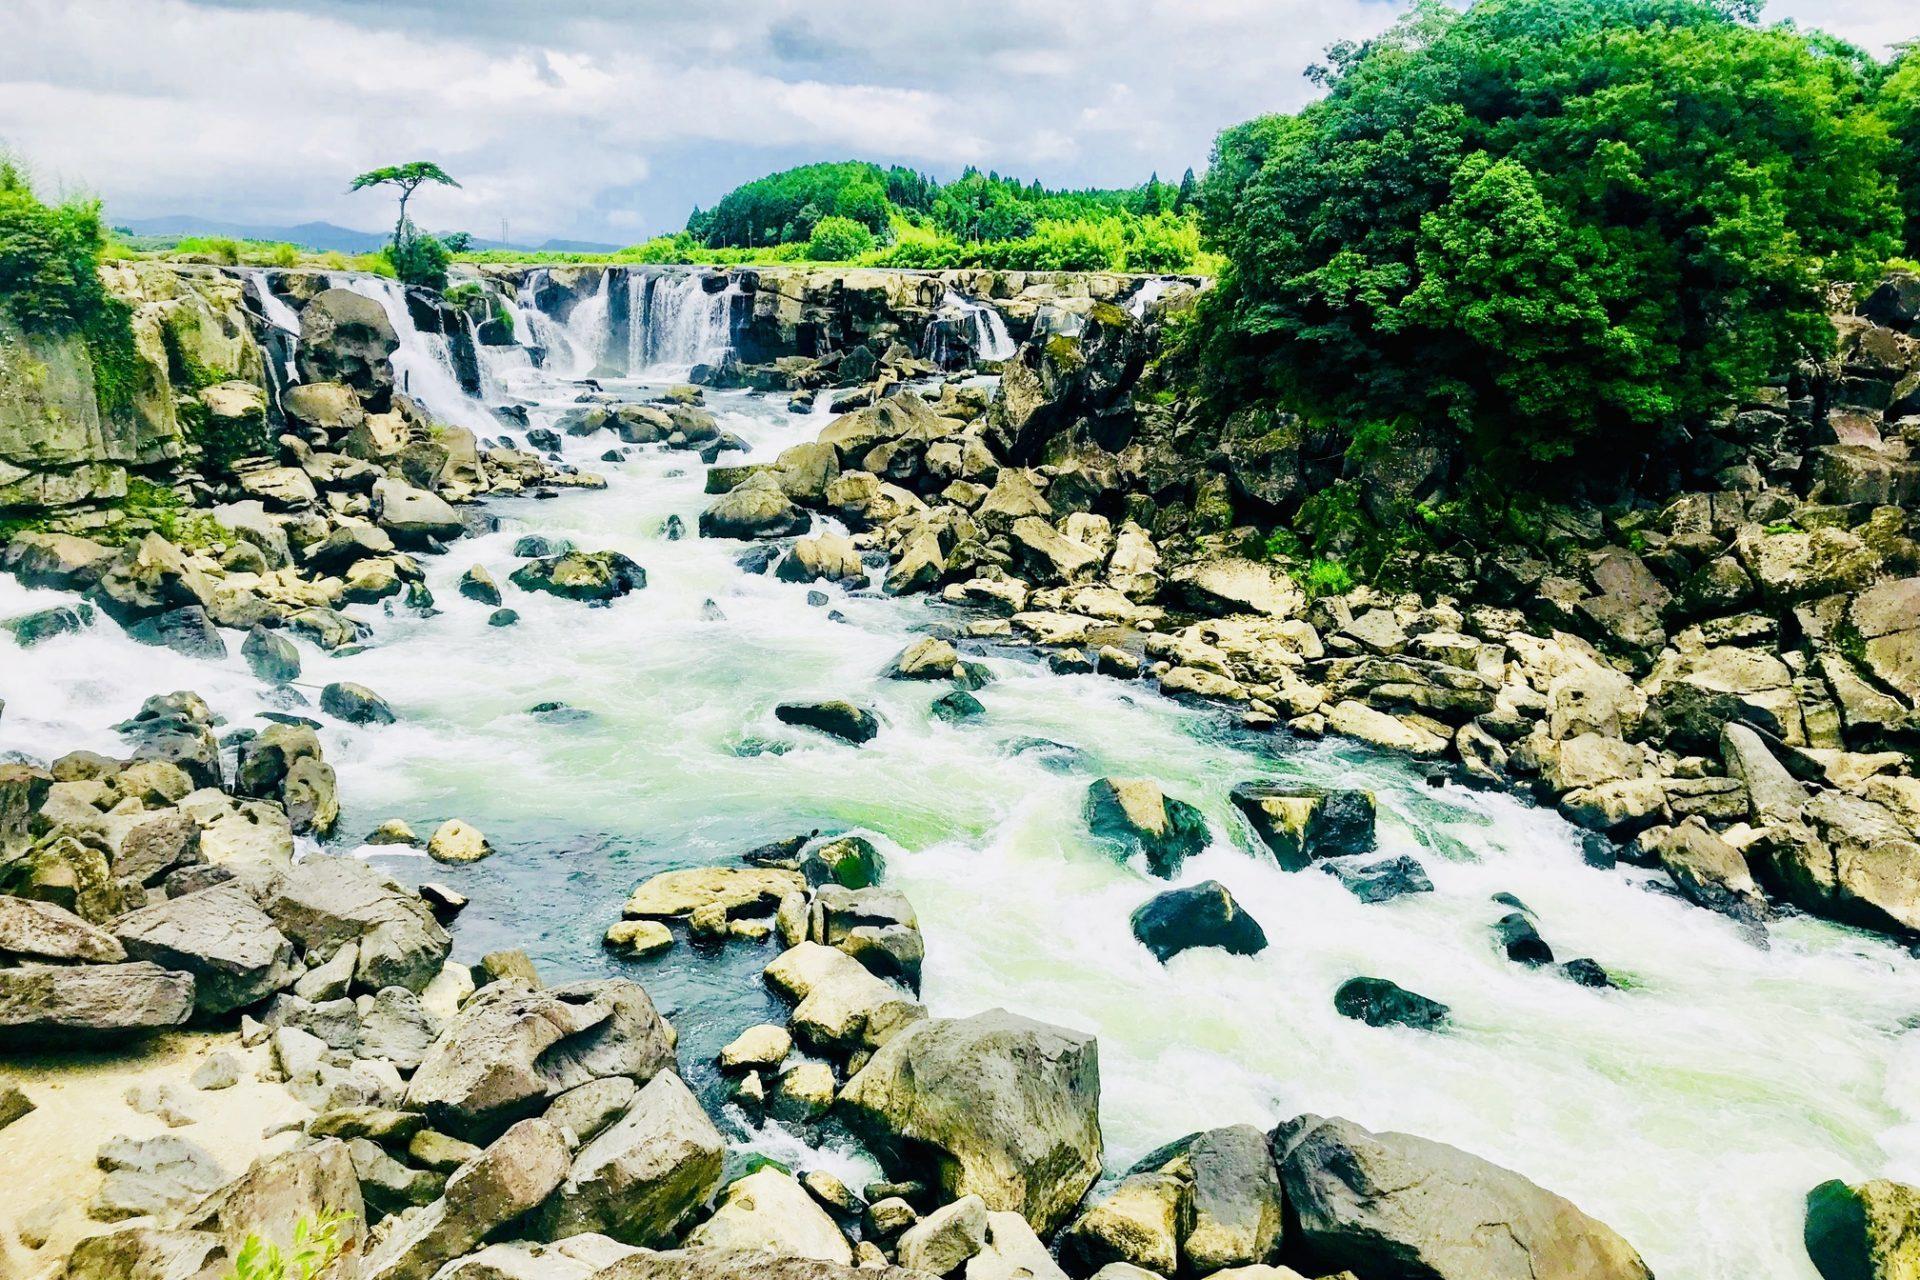 曽木の滝 鹿児島 九州 秘境 穴場 絶景 観光 旅行 おすすめ